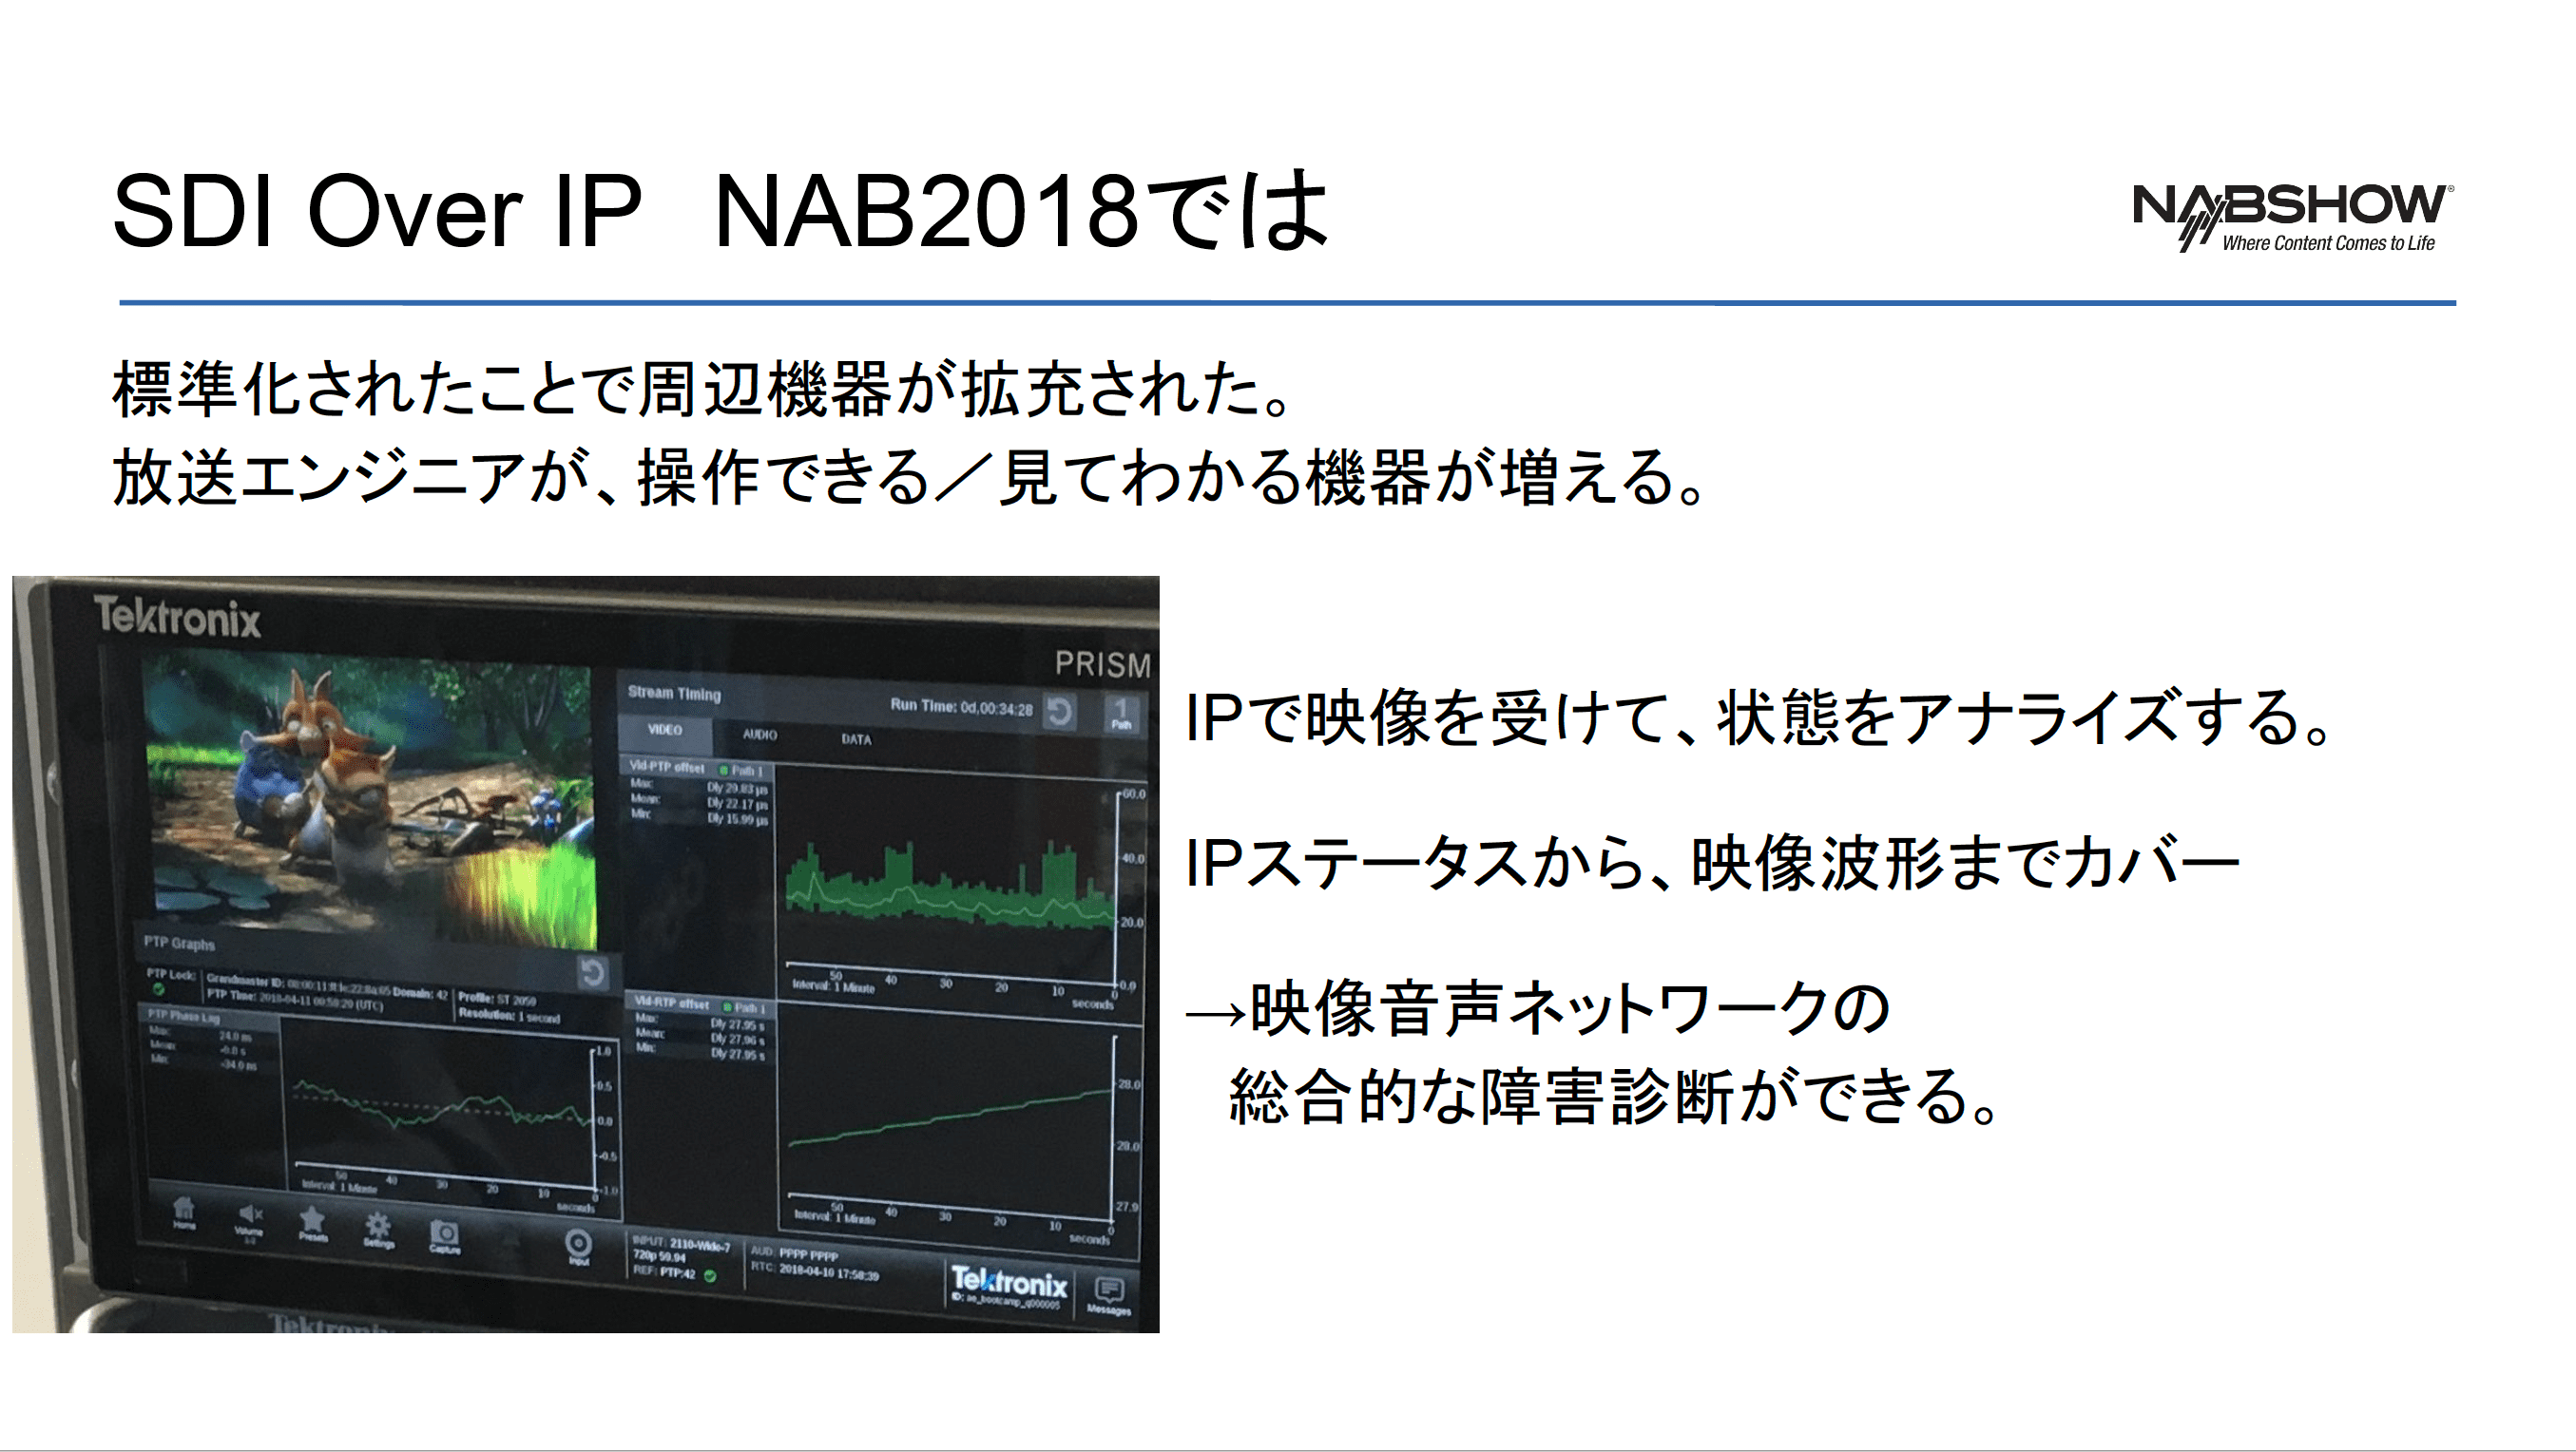 放送エンジニア・フレンドリーな SDI over IP 対応機器を紹介したスライド